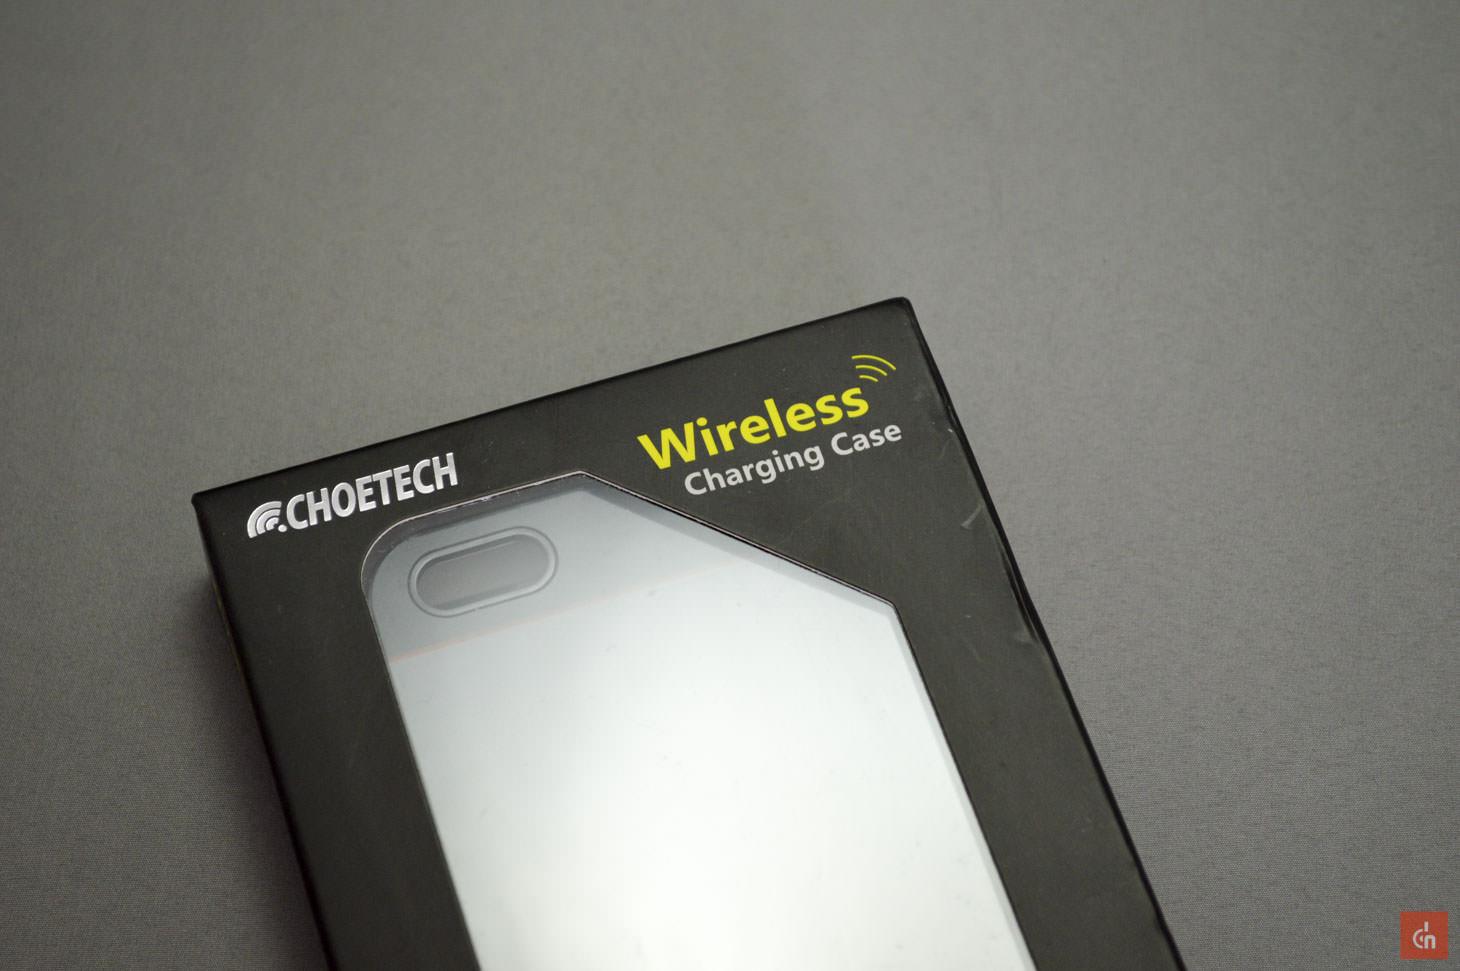 003_20160319_chotech-iphone5-qi